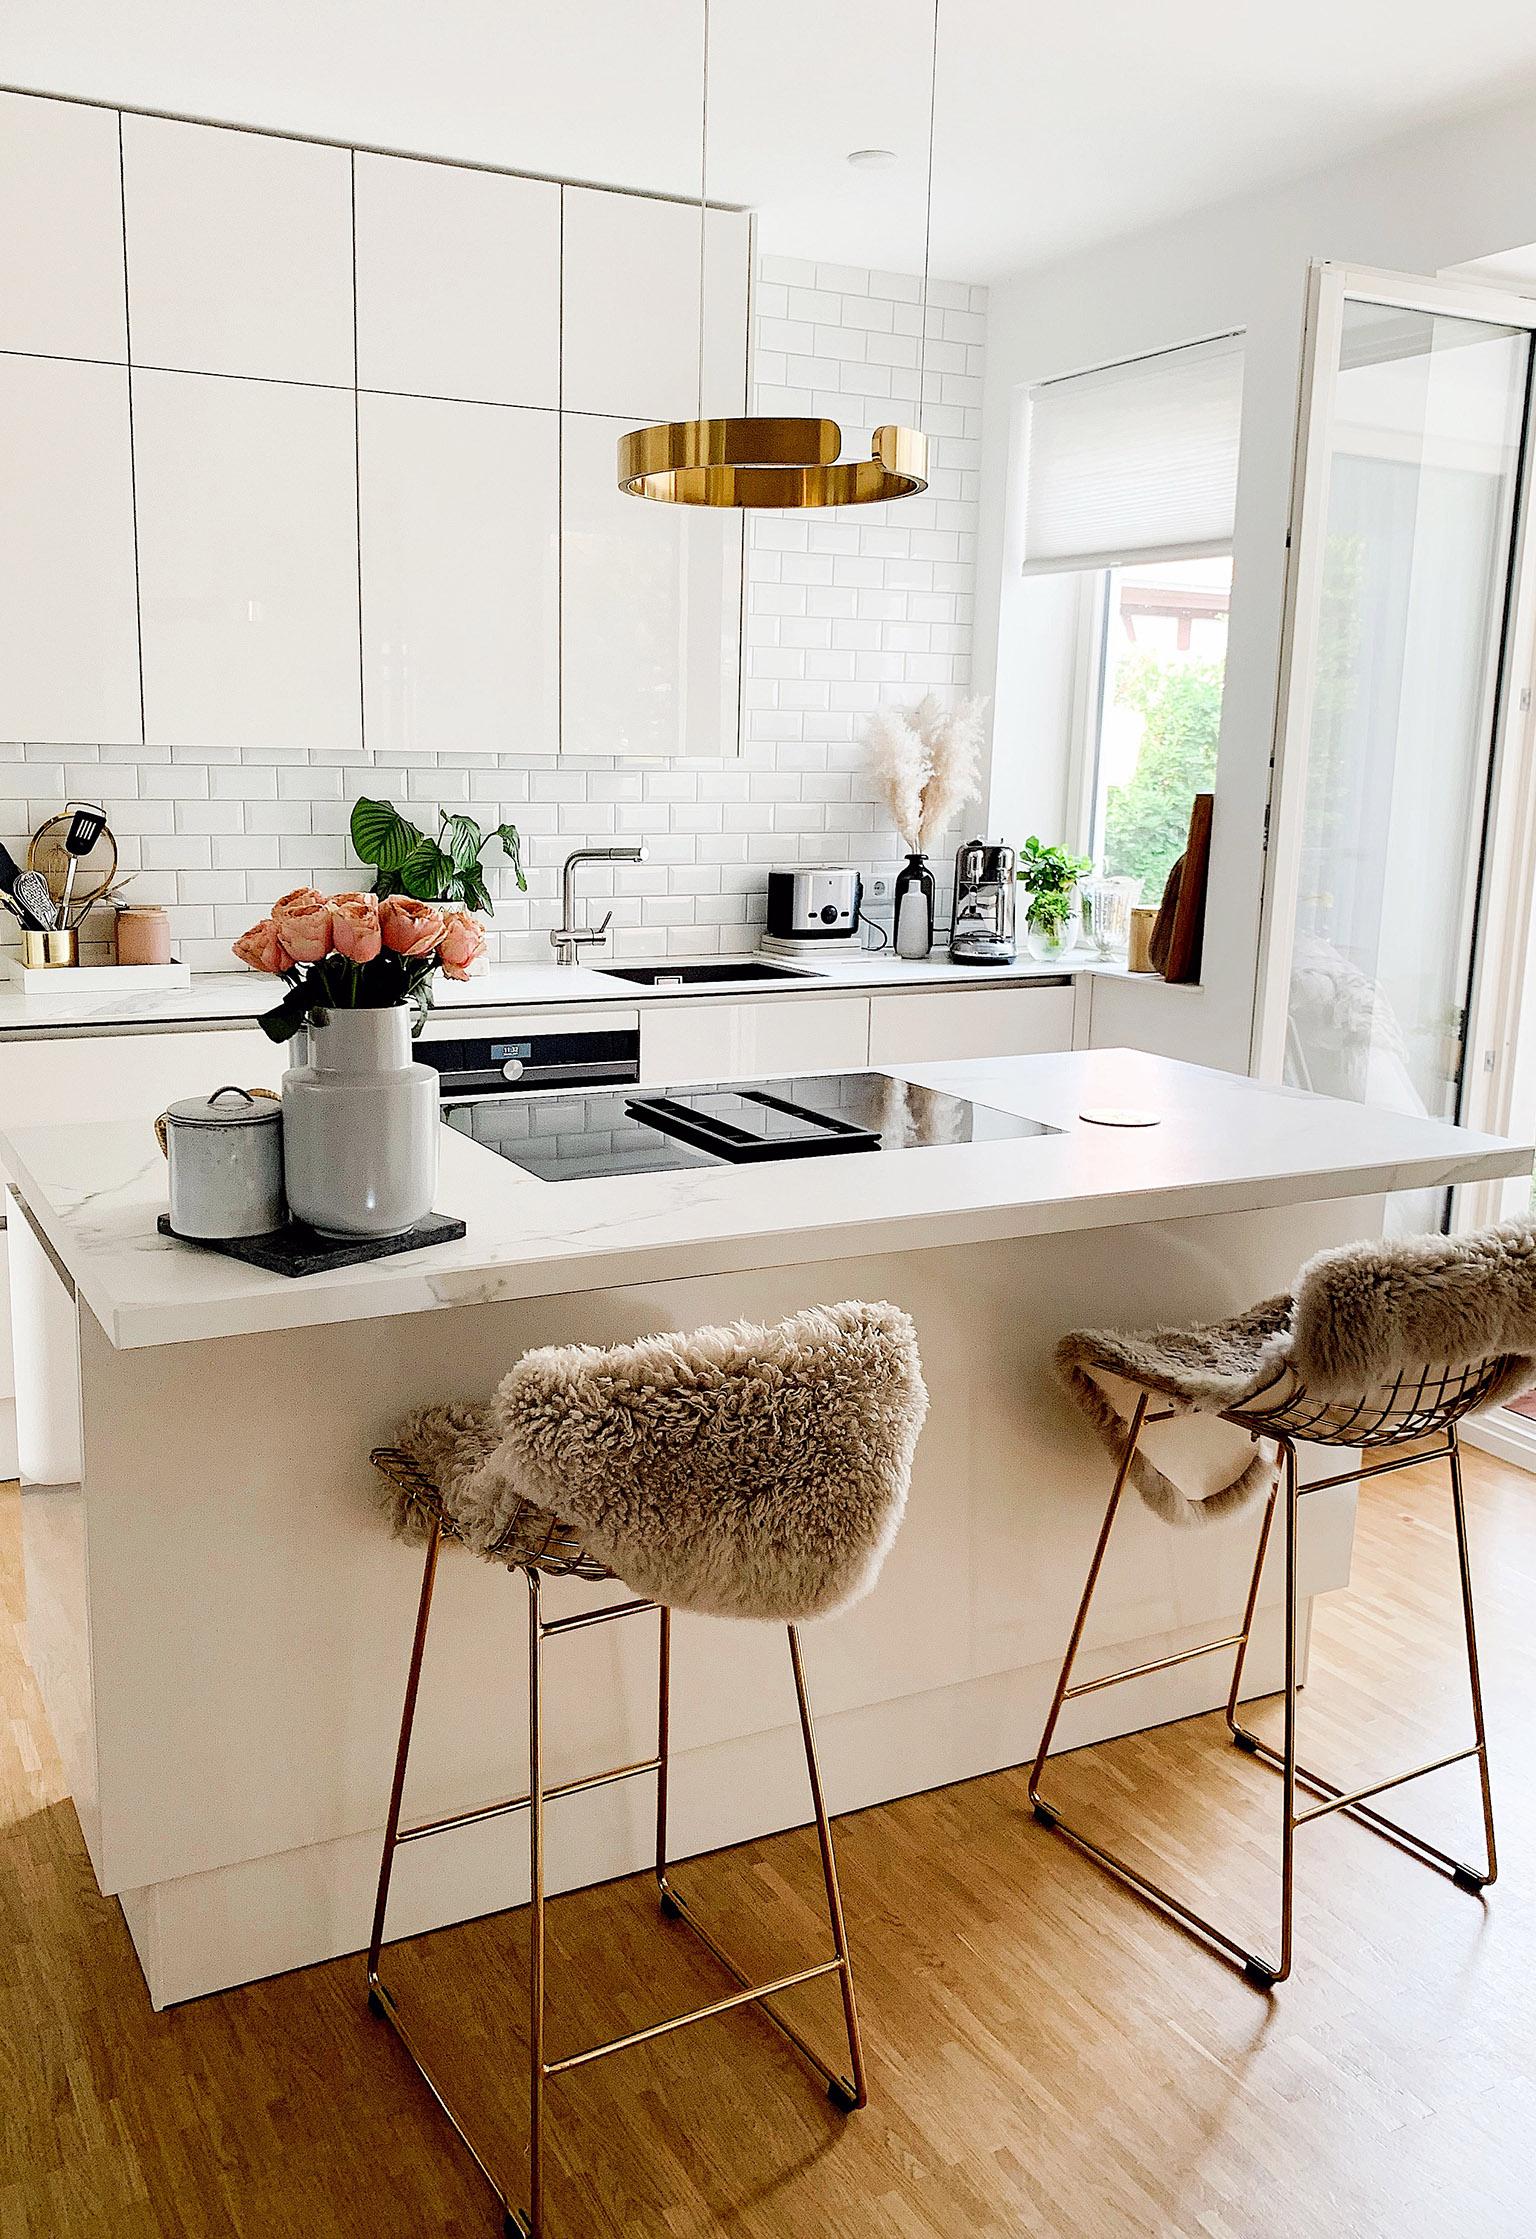 Full Size of Wohnung Mit Offener Küche Einrichten Verwinkelte Küche Einrichten Küche Einrichten Worauf Achten Dachgeschoss Küche Einrichten Küche Küche Einrichten